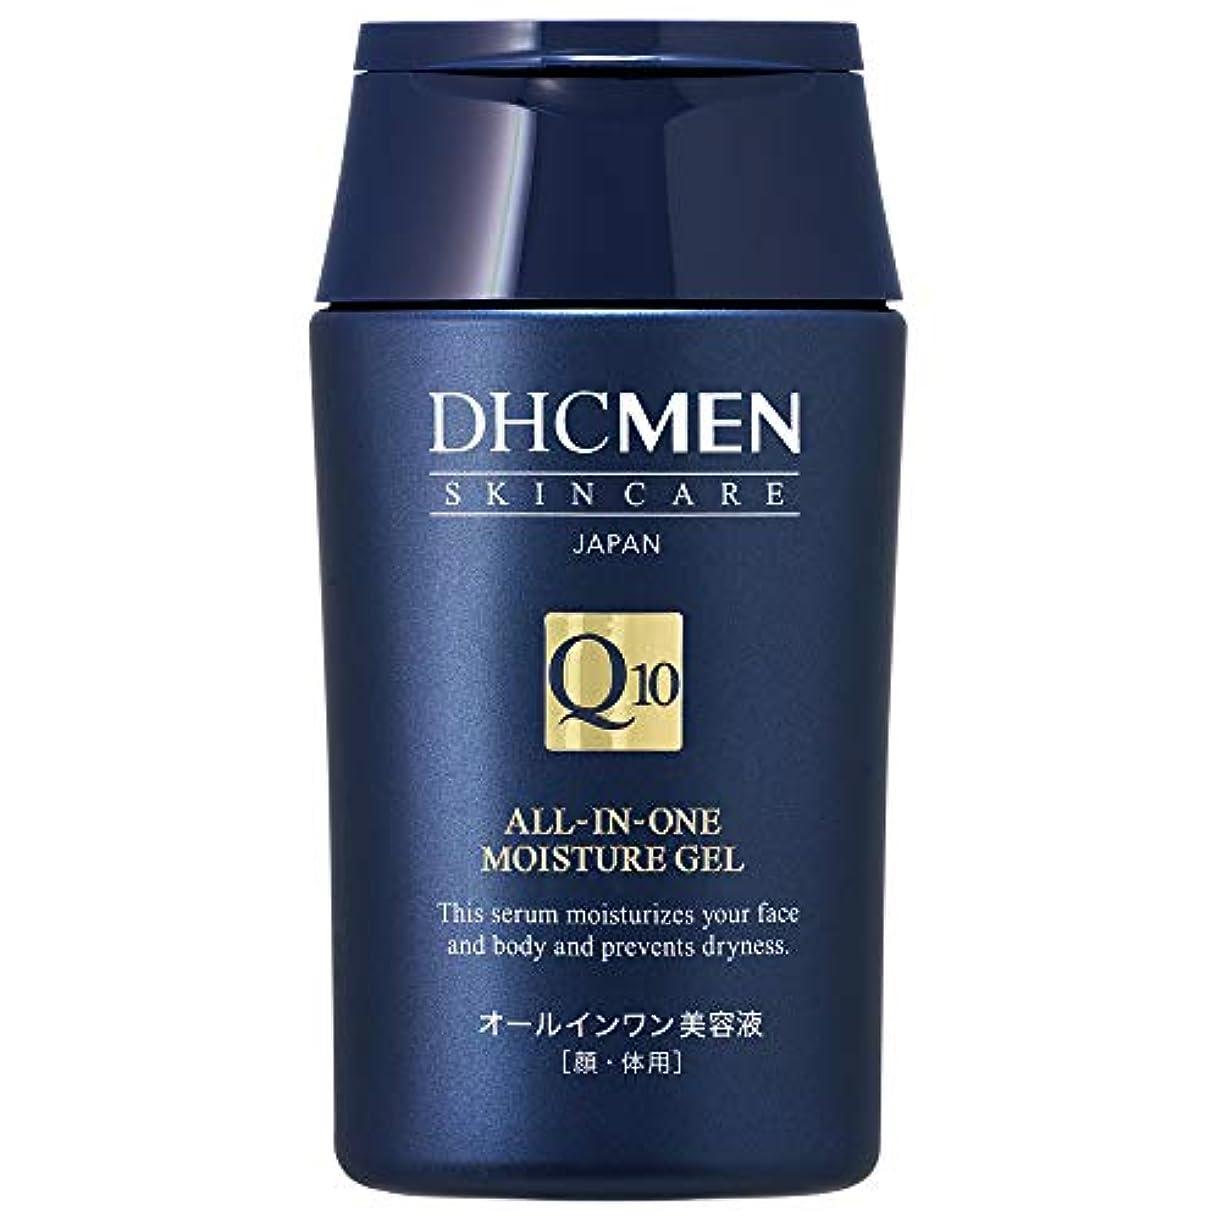 飲料悲しみ階層DHC MEN オールインワン モイスチュアジェル